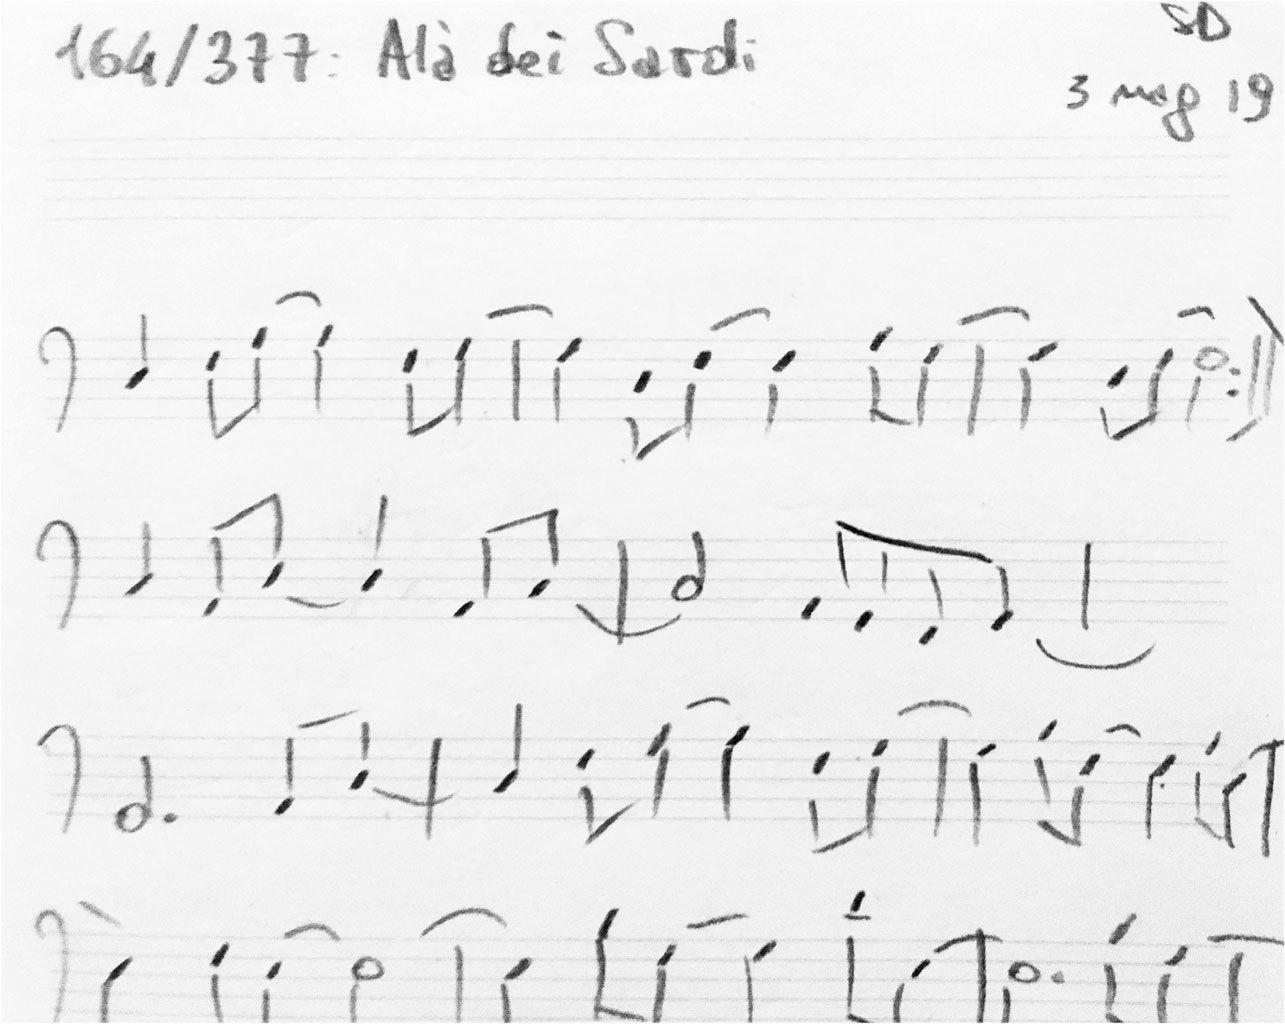 164-Alà-dei-Sardi-score